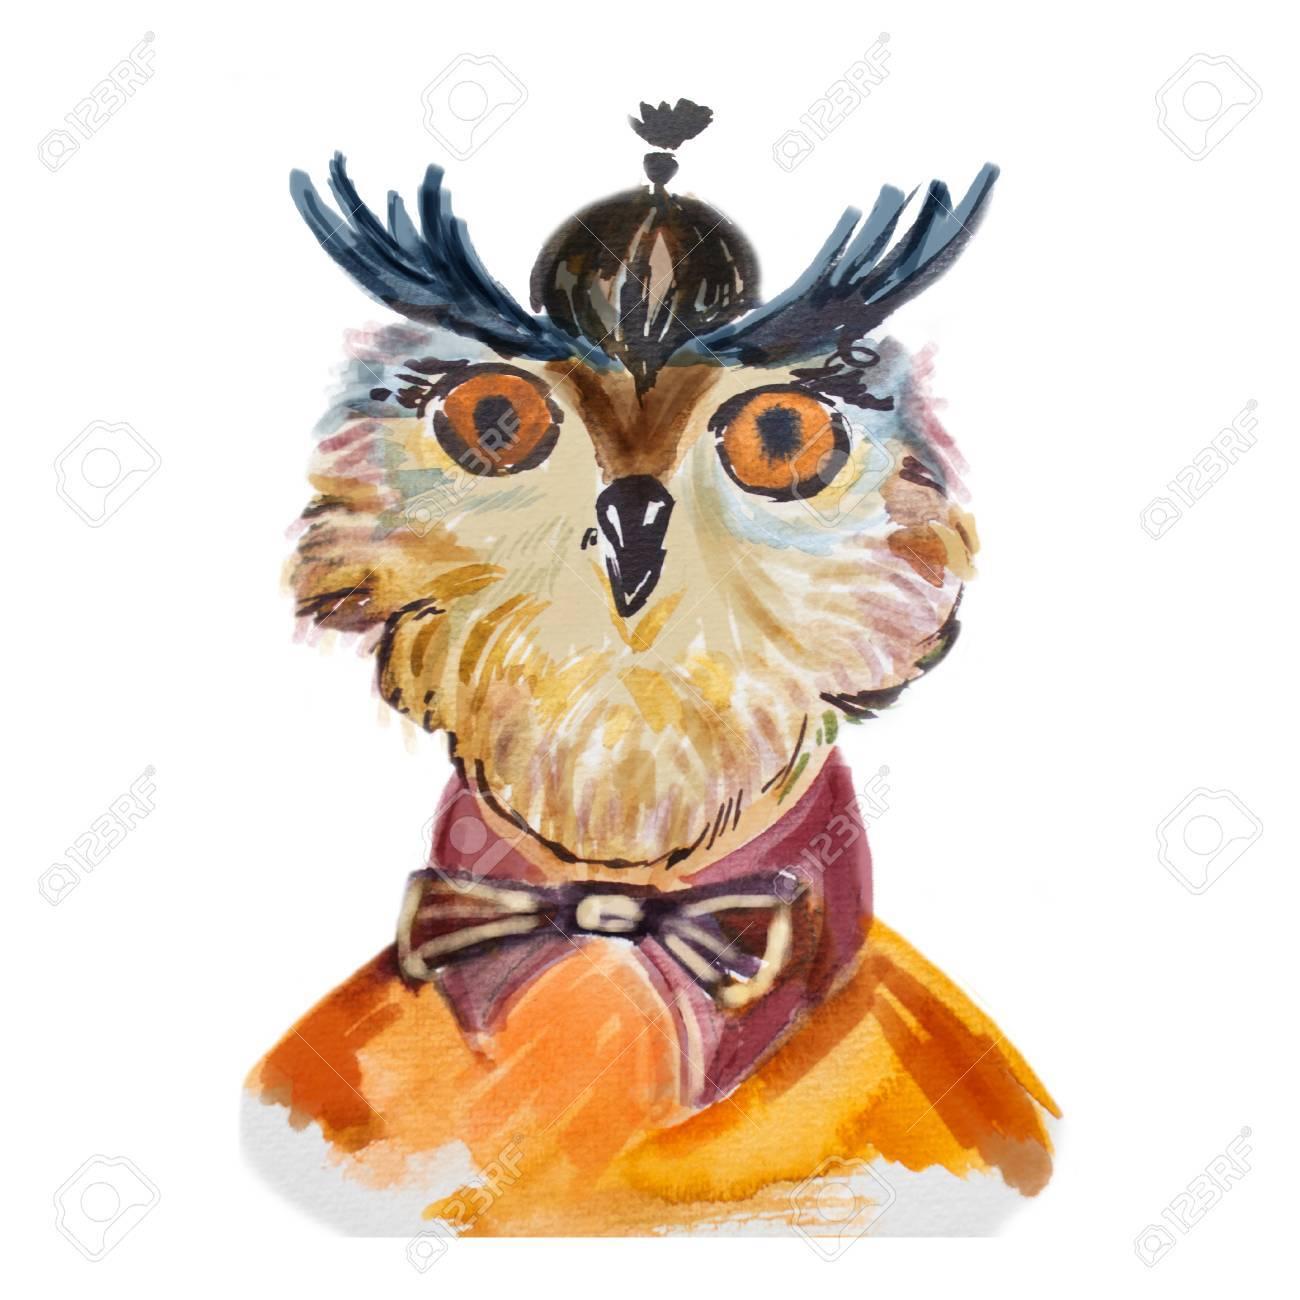 かわいいフクロウの弓で流行に敏感。面白い鳥です。賢明なフクロウは